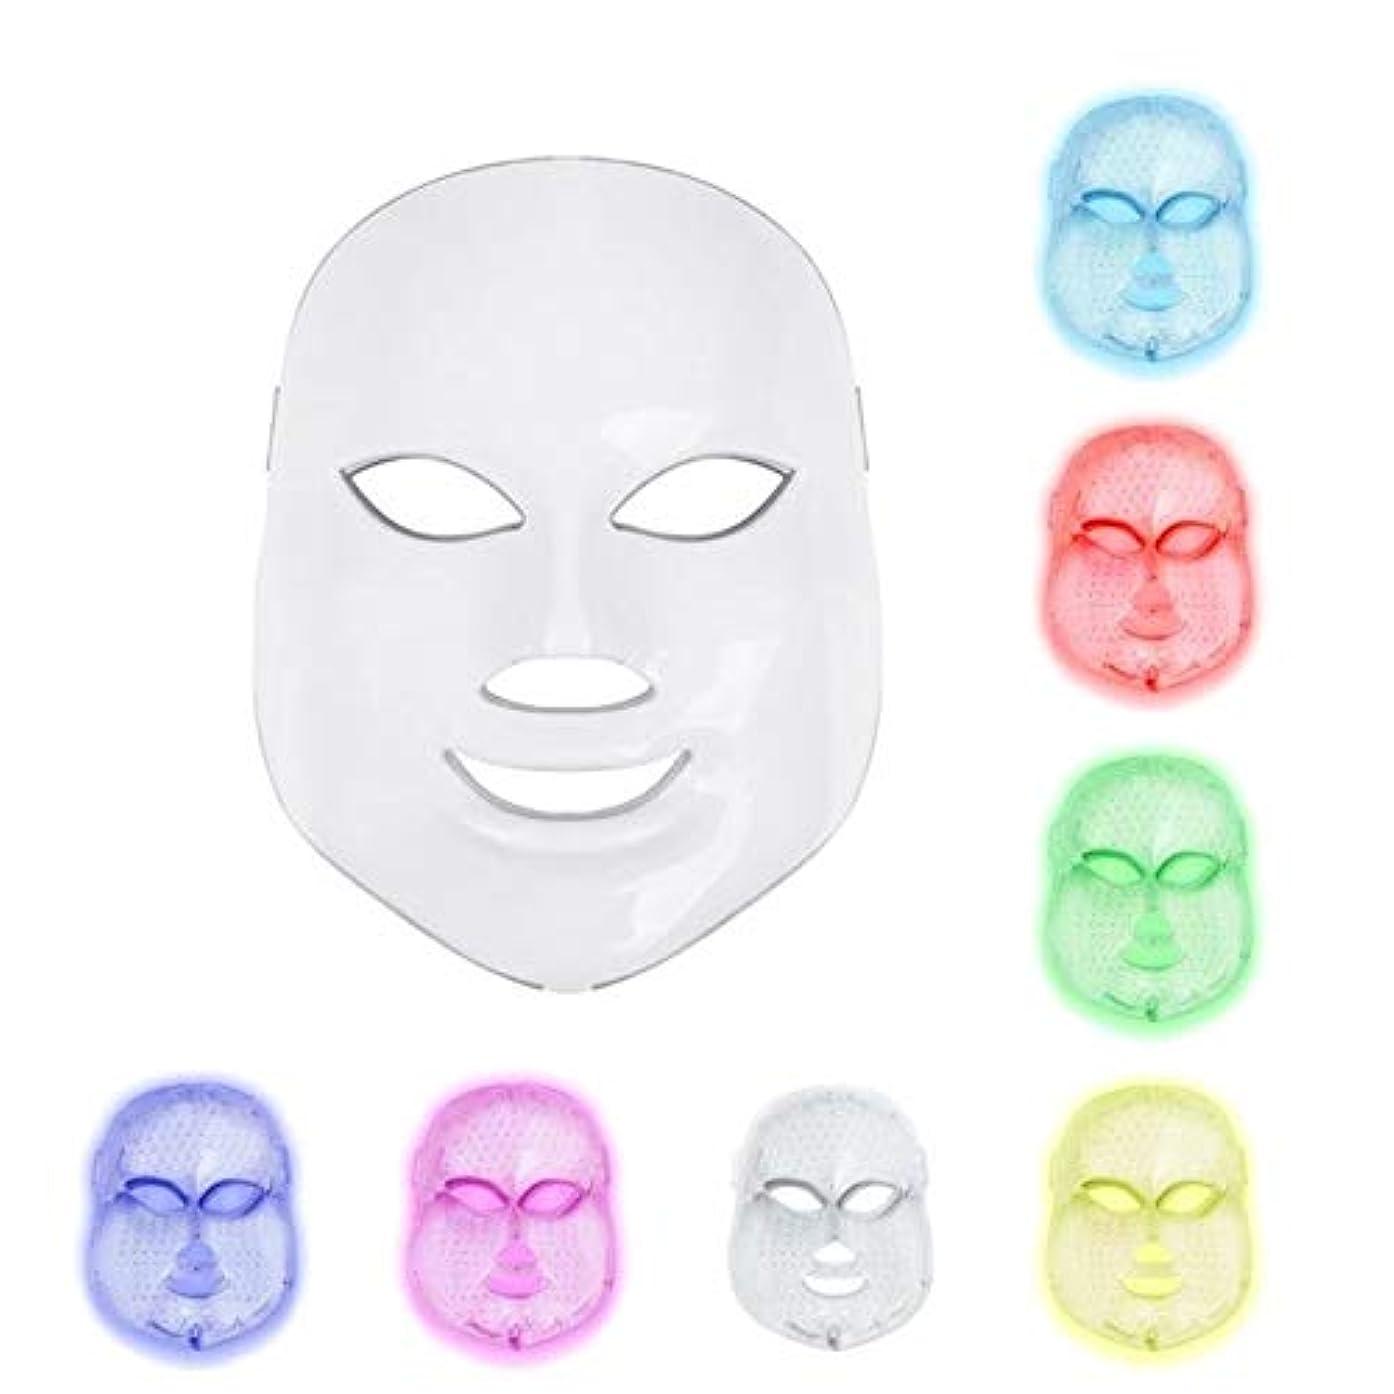 体系的にリーズ不定Led光子療法7色光治療肌の若返りにきびスポットしわホワイトニング美顔術デイリースキンケアマスク